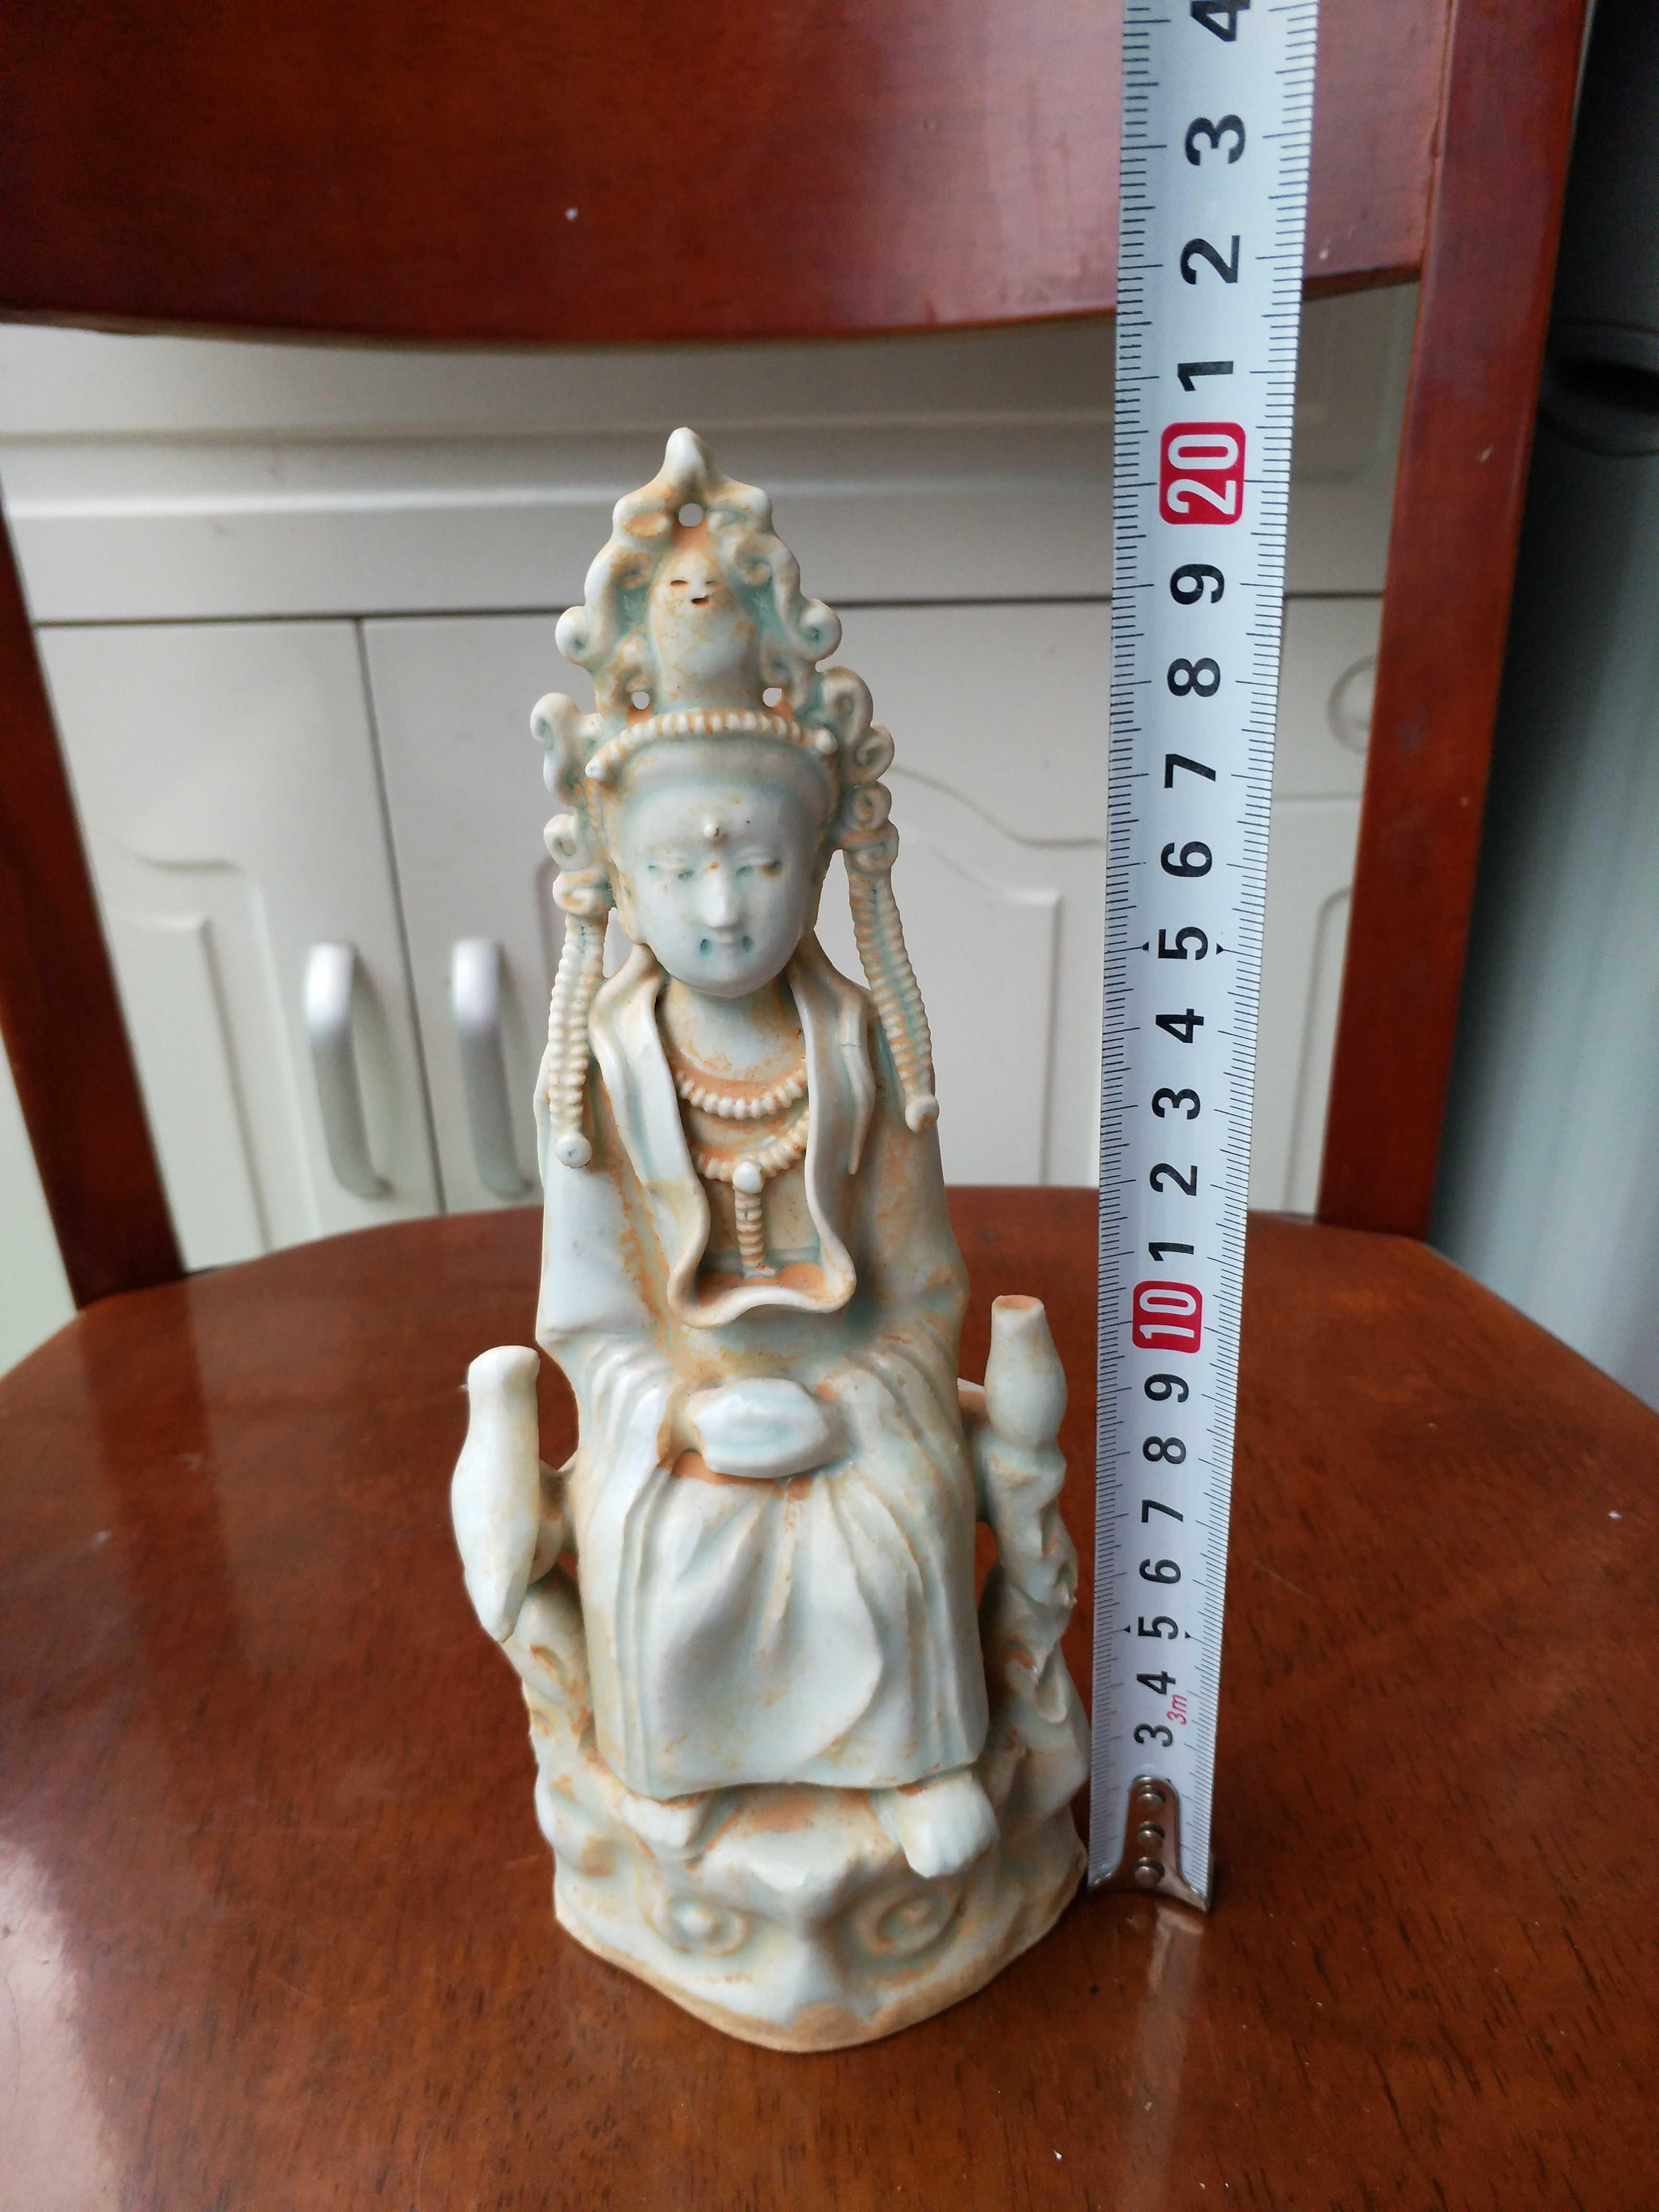 宋朝代湖田窑影青釉观音佛像 古董古瓷器收藏旧货出土摆件